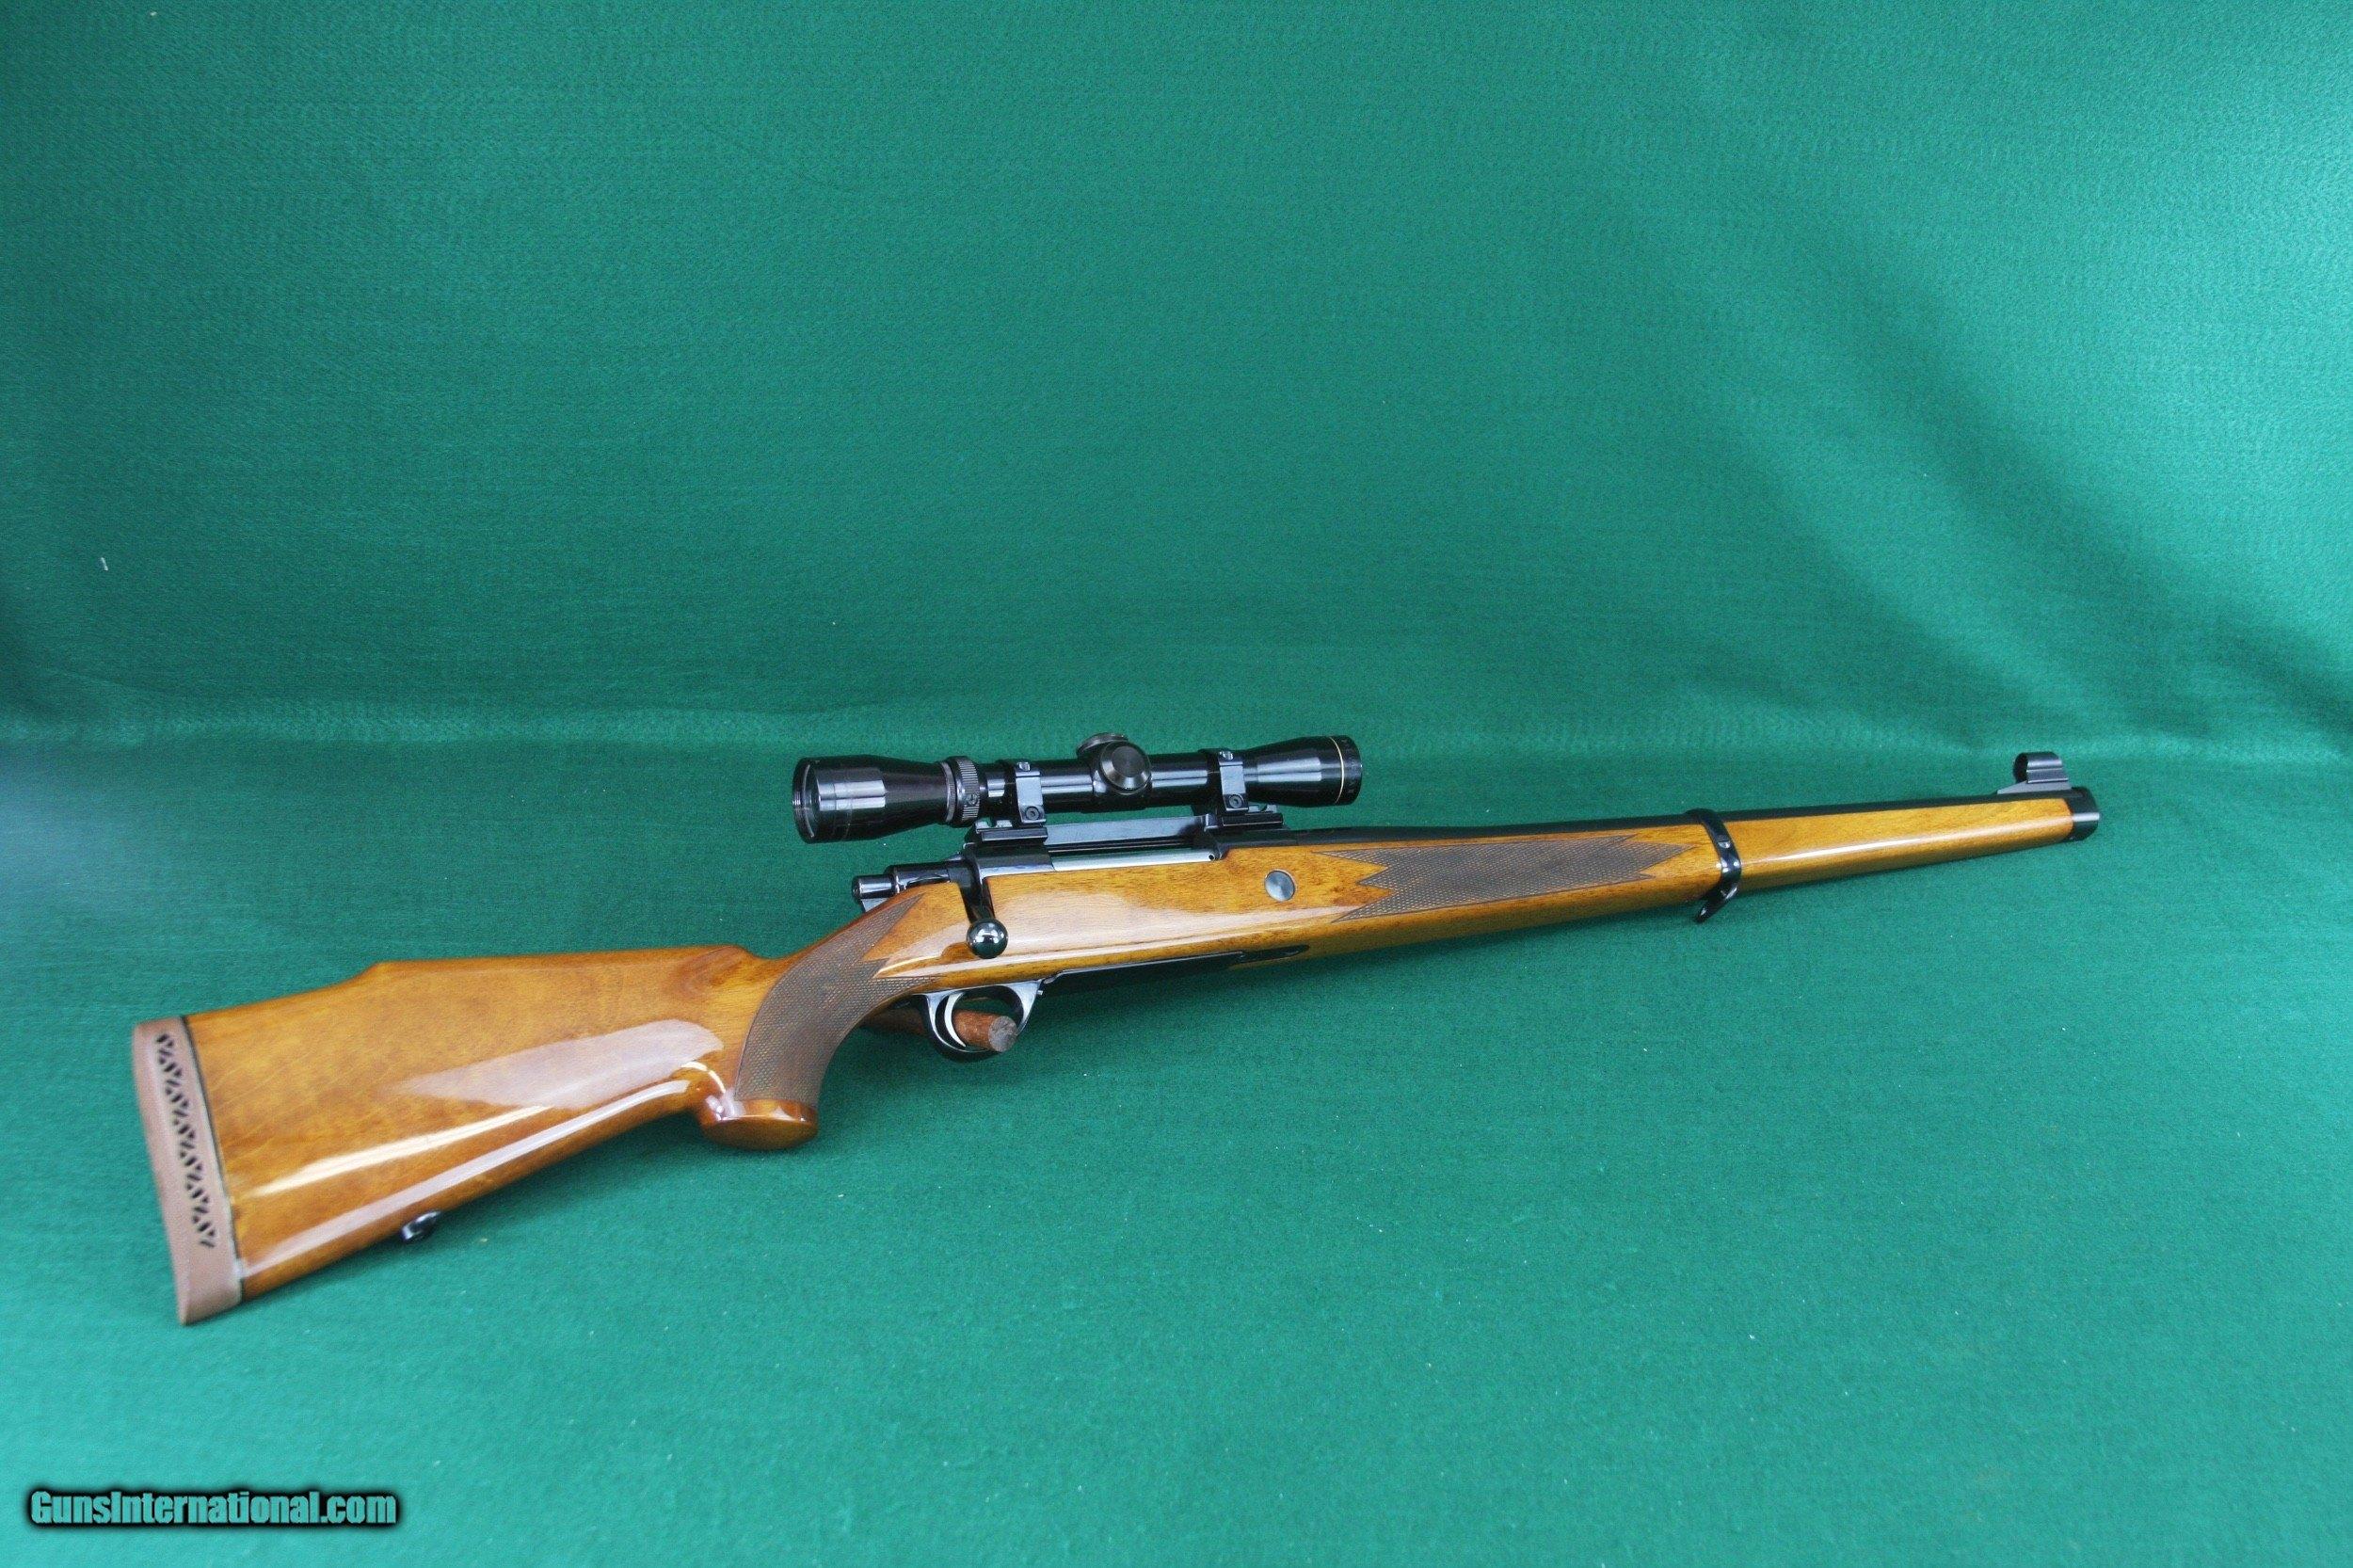 Sako Finnbear 7mm Rem Mag Mannlicher Carbine Rifle